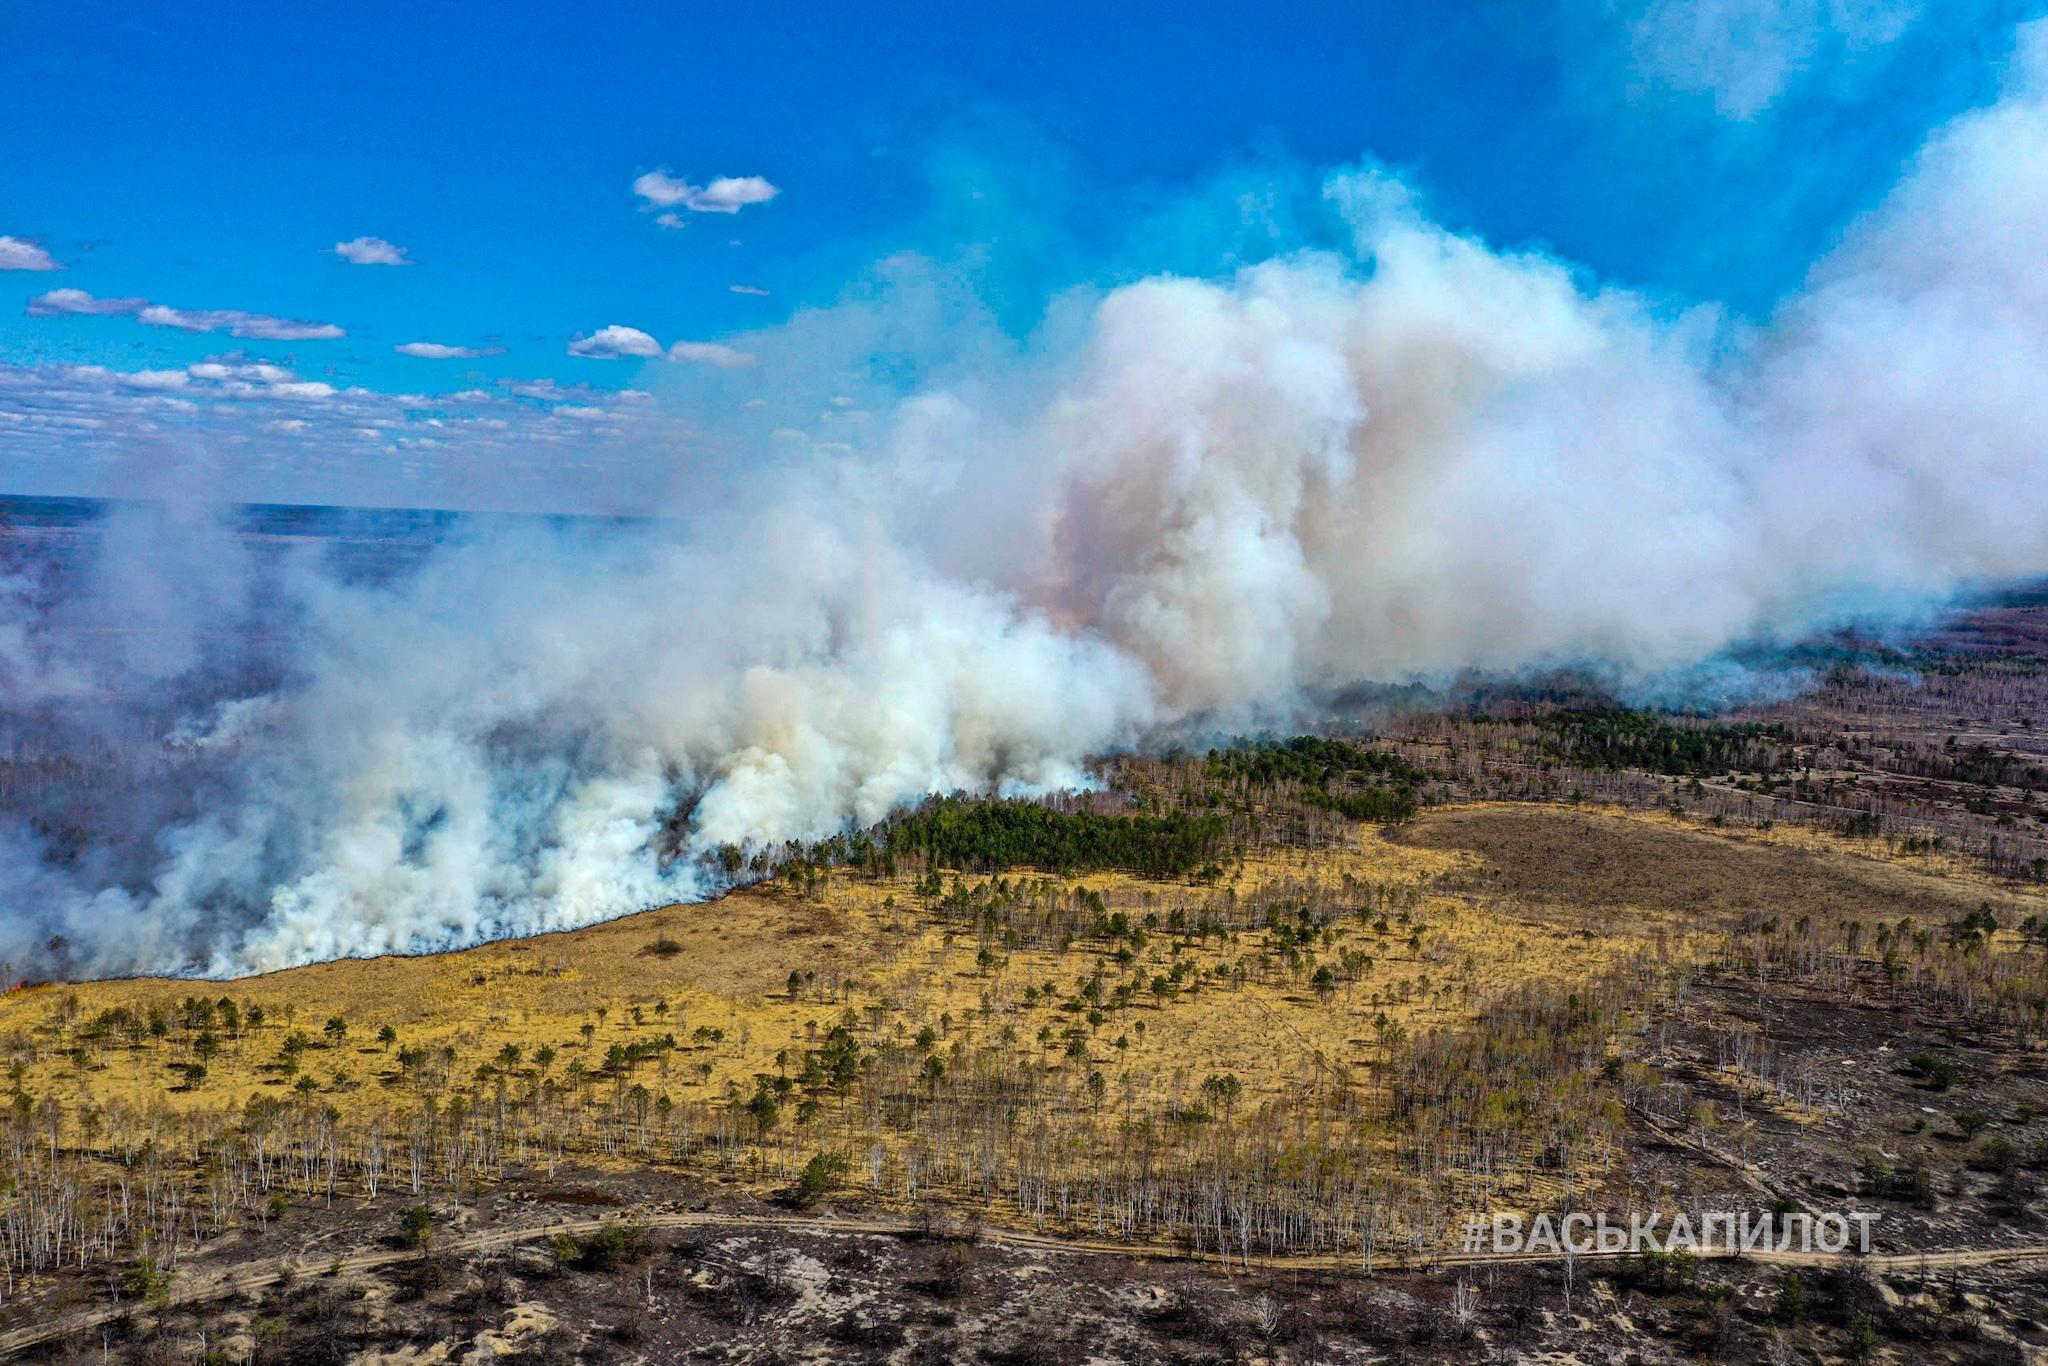 Похоже, горит растительность на полигоне. ВаськаПилот пробивается сквозь дым и пламя